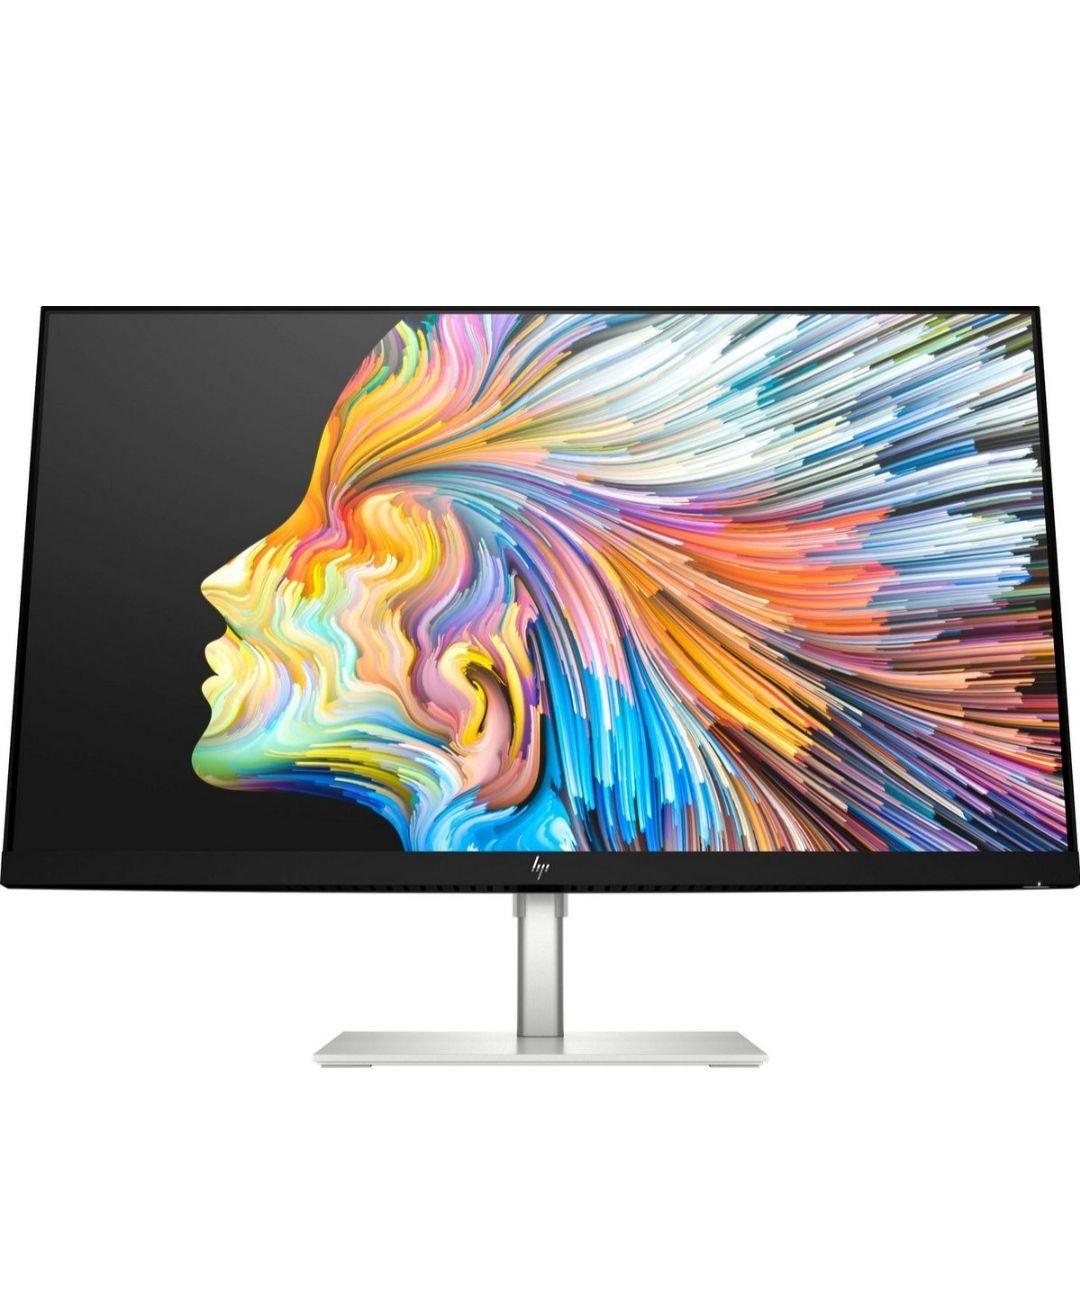 """HP U28 4K HDR, IPS, 100% sRGB, 28"""", USB-C, 400cd/m², 60Hz + 1 Jahr Office 365 Single [OTTO]"""